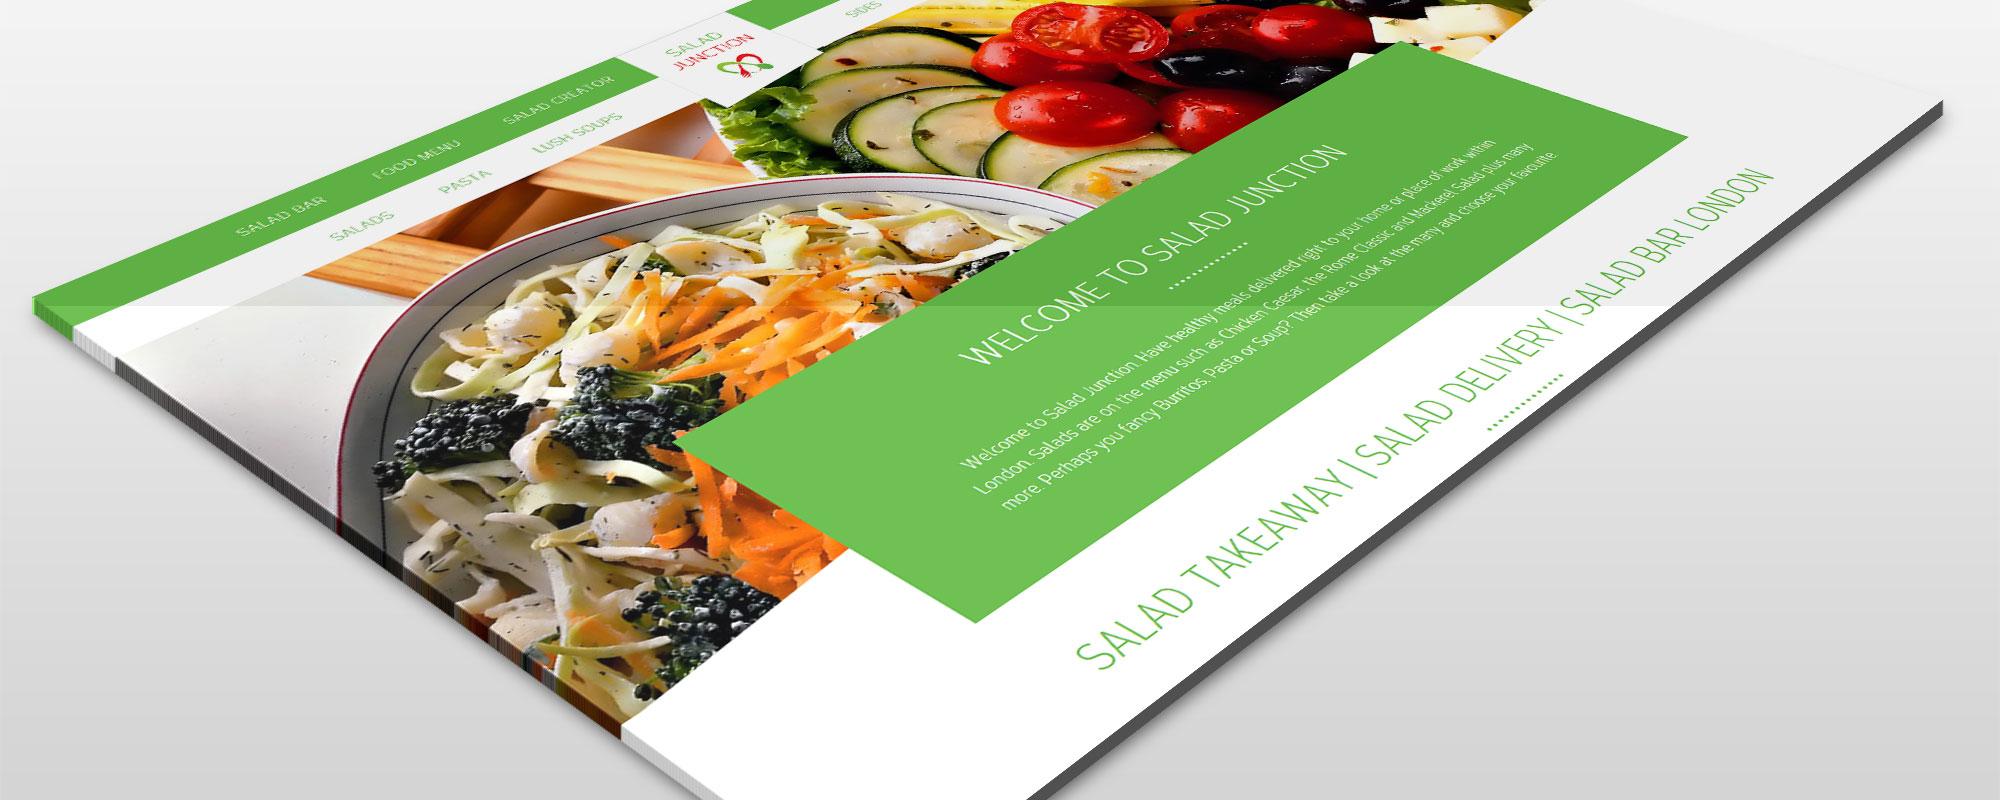 salad-junction-website-design